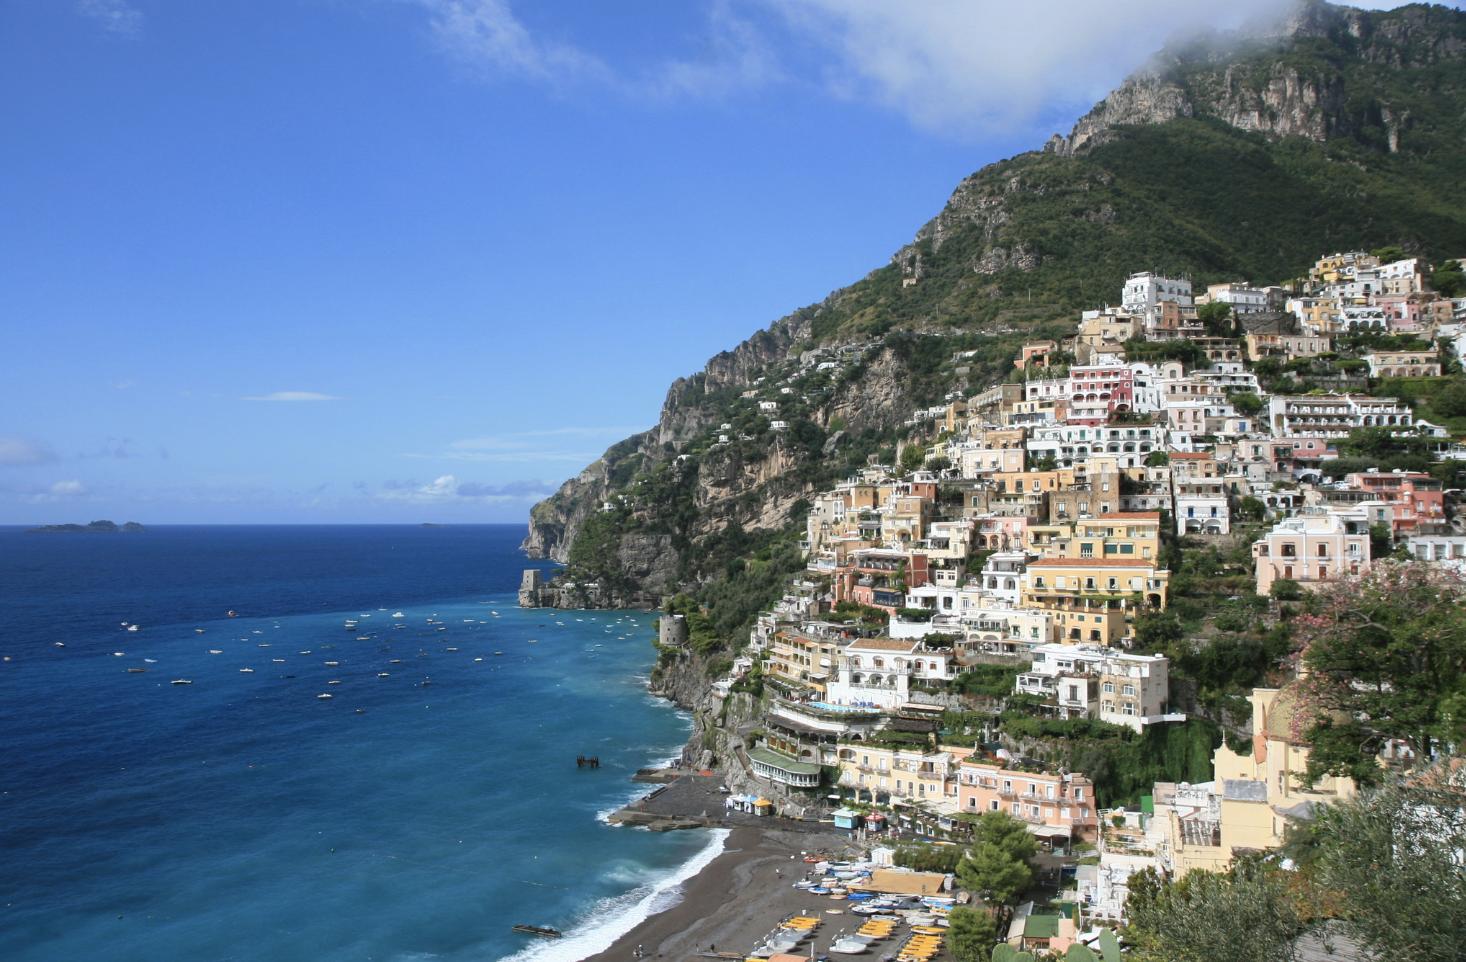 Daily Tours To Amalfi Coast Pompei And Capri On Christmas